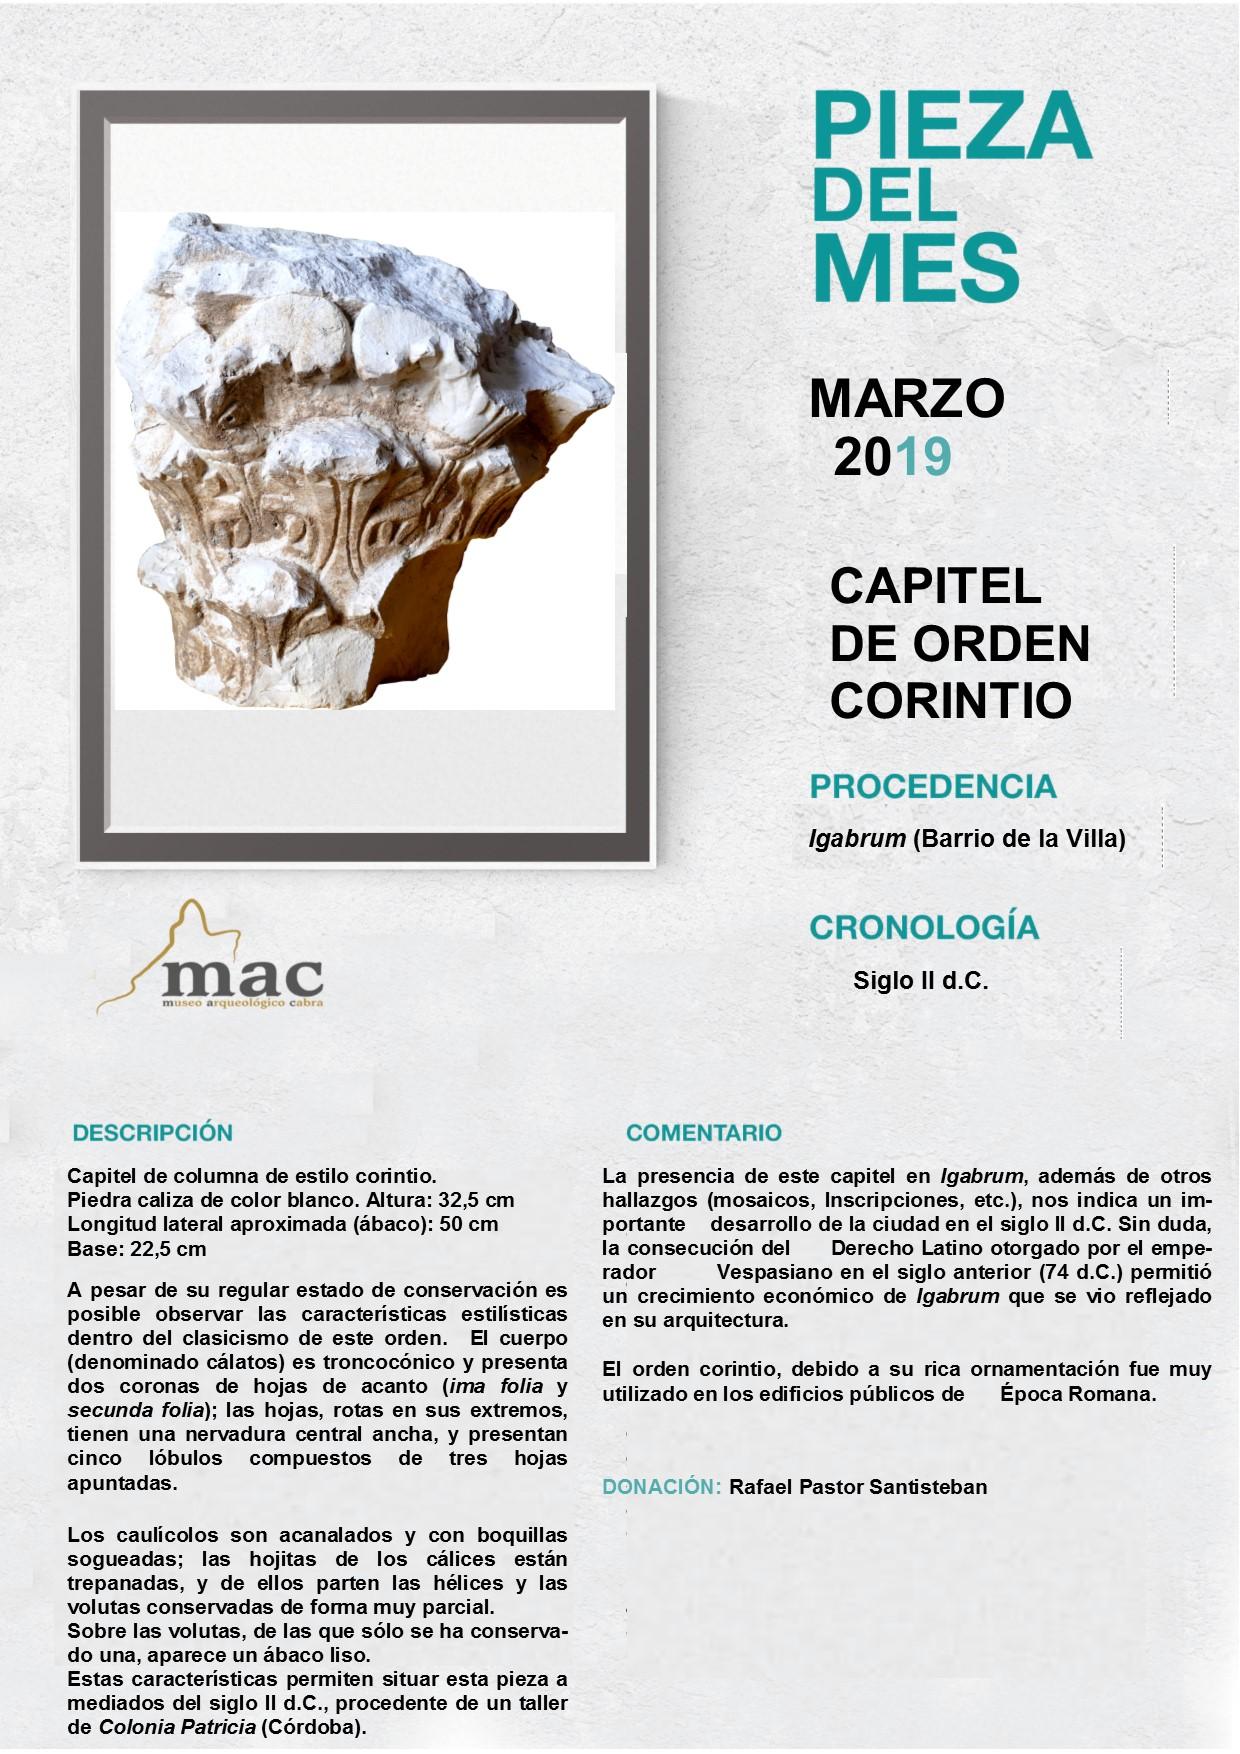 El Museo Arqueológico Municipal presenta la pieza del mes de marzo: un capitel de orden corintio